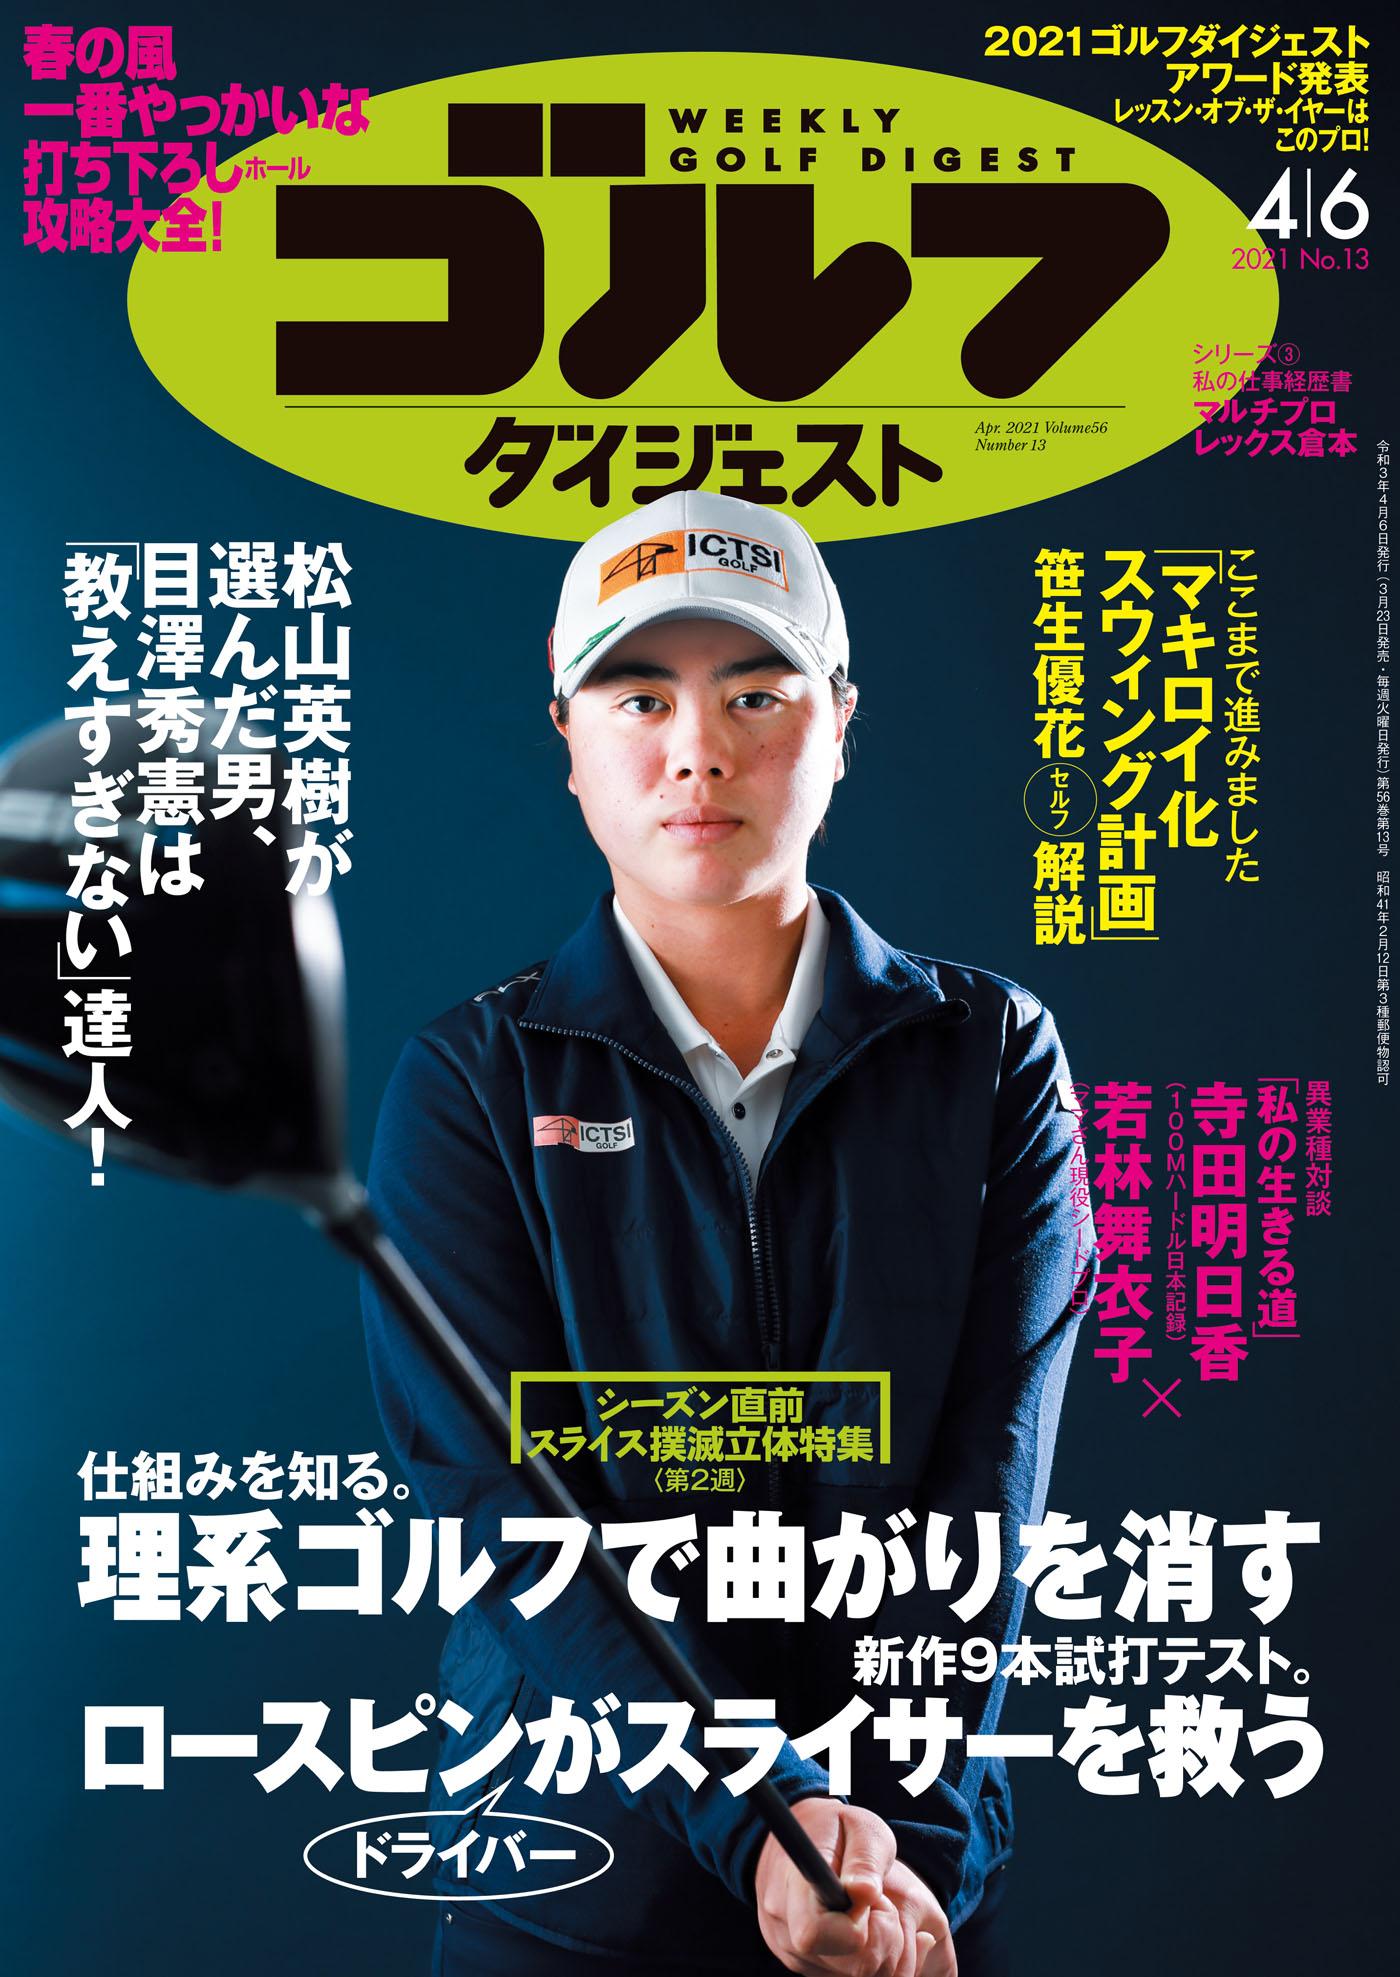 週刊ゴルフダイジェスト2021年4月6日号